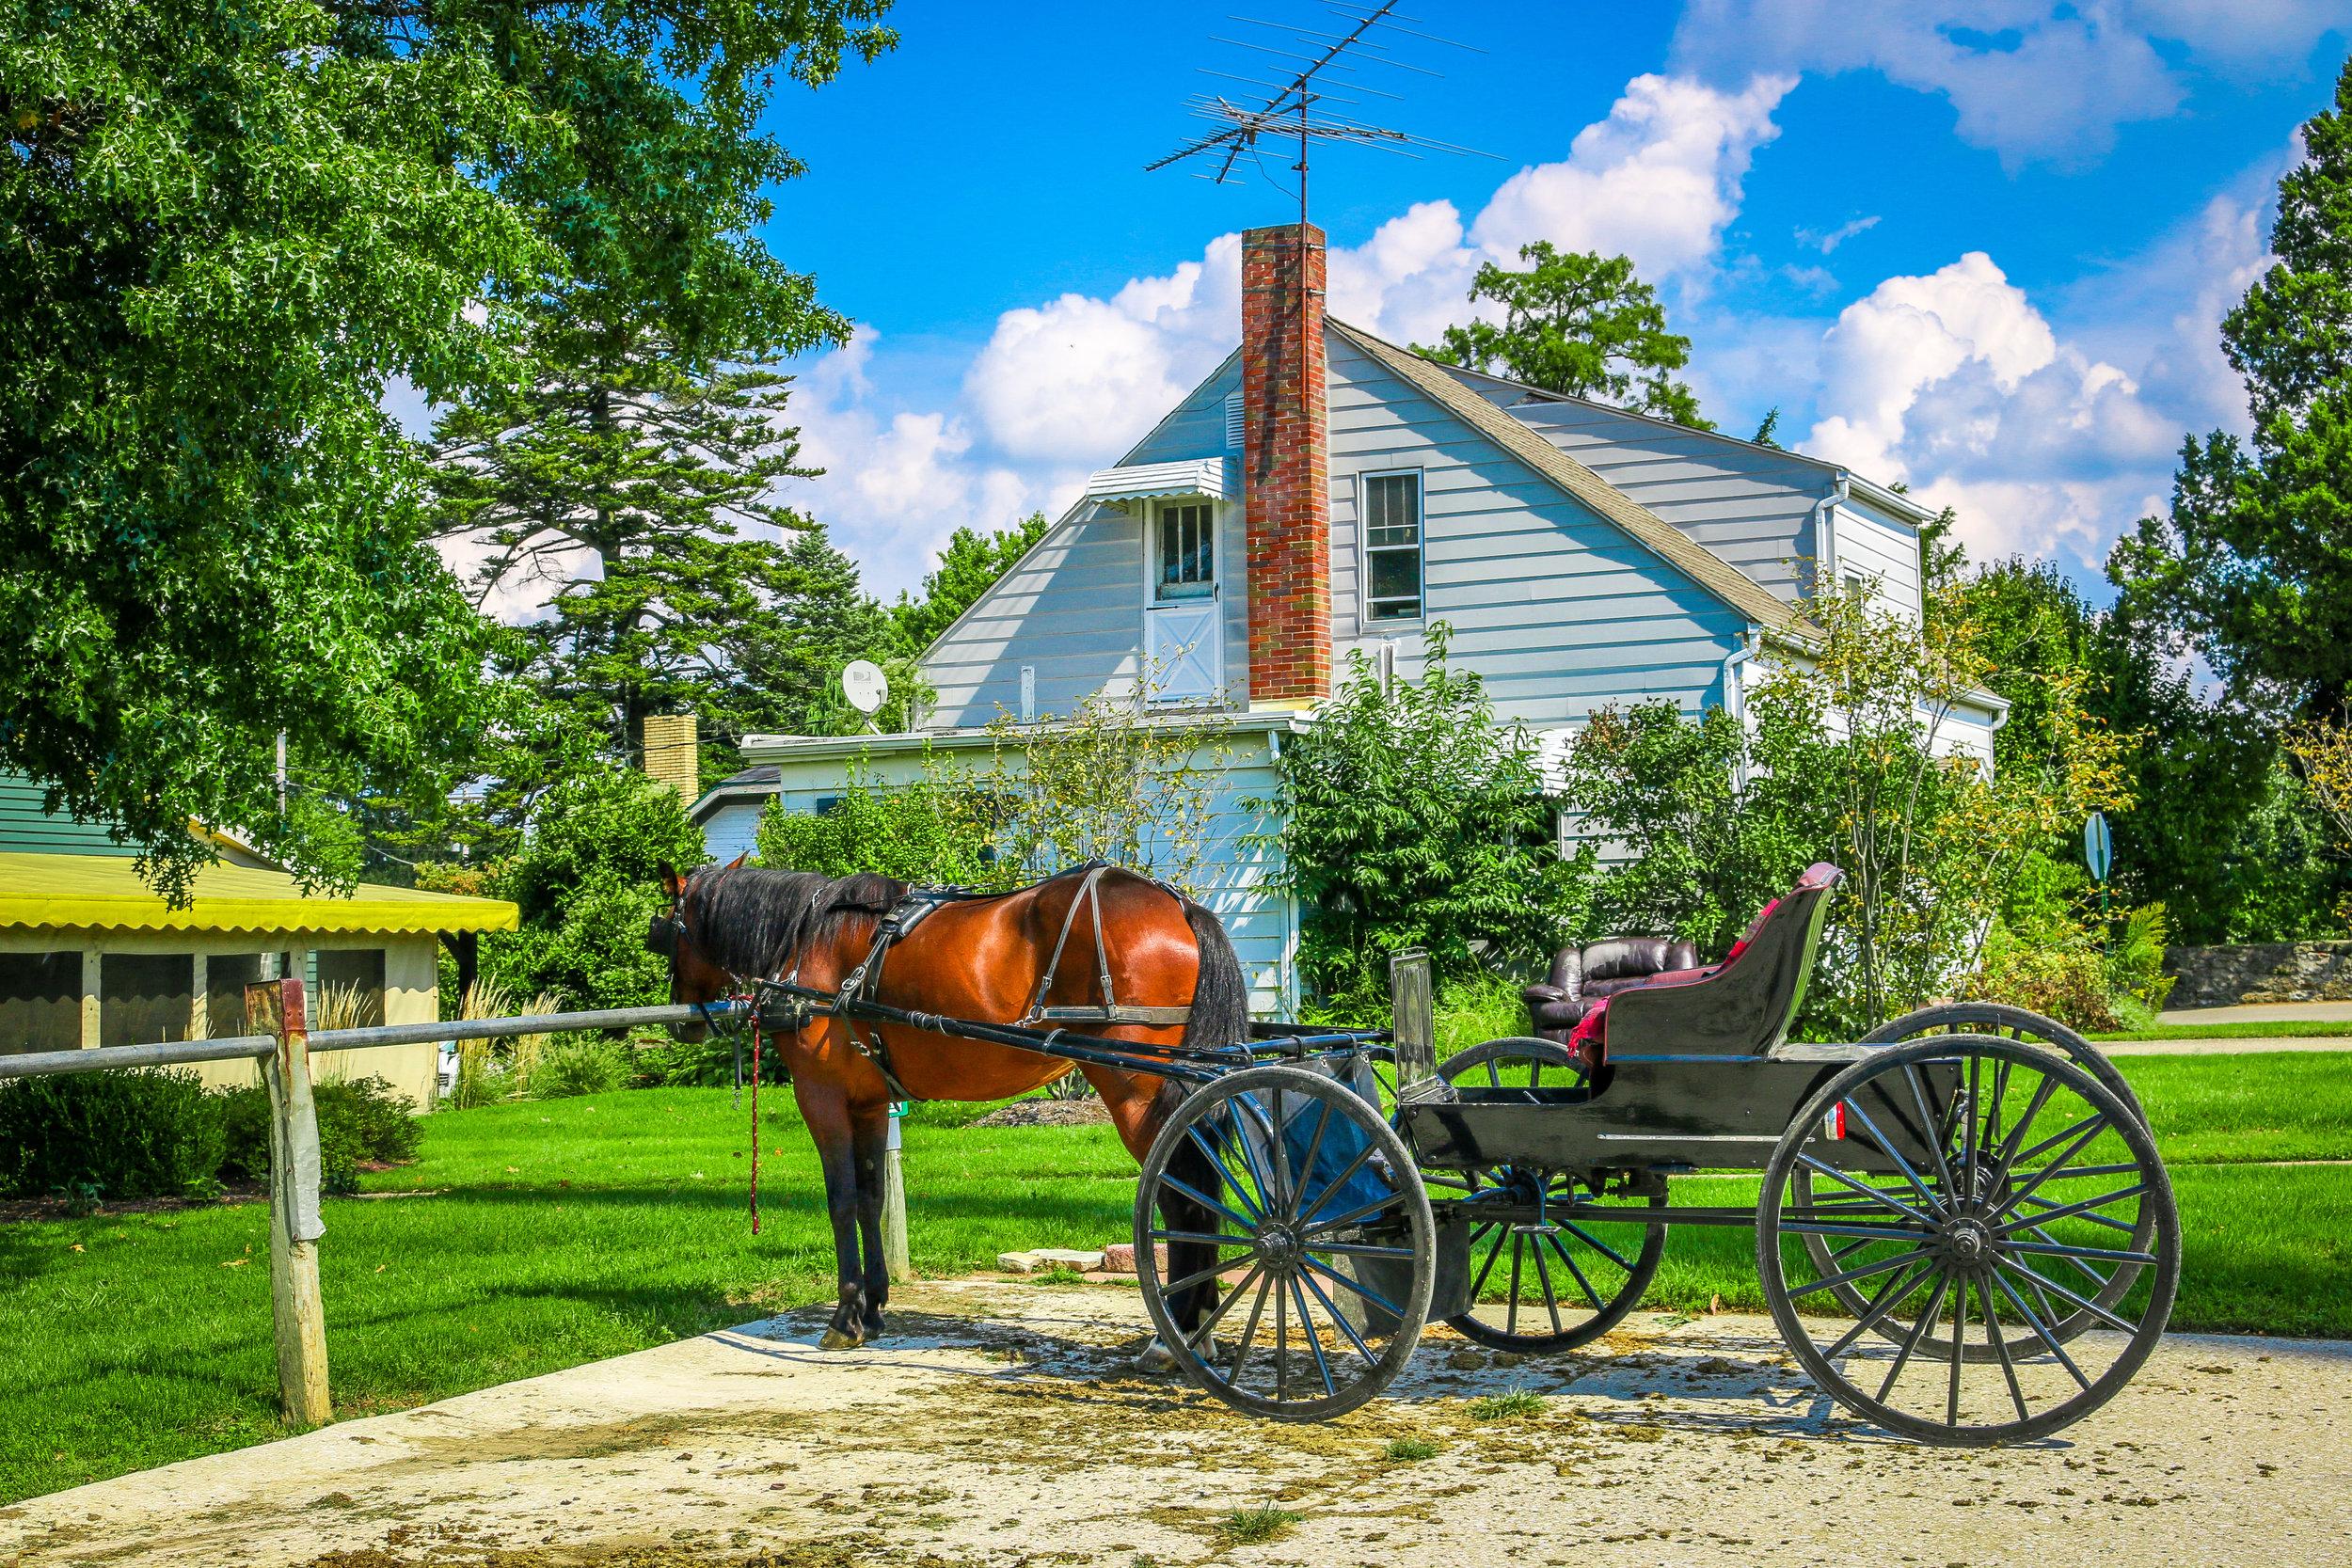 Amish cart and horse Ohio